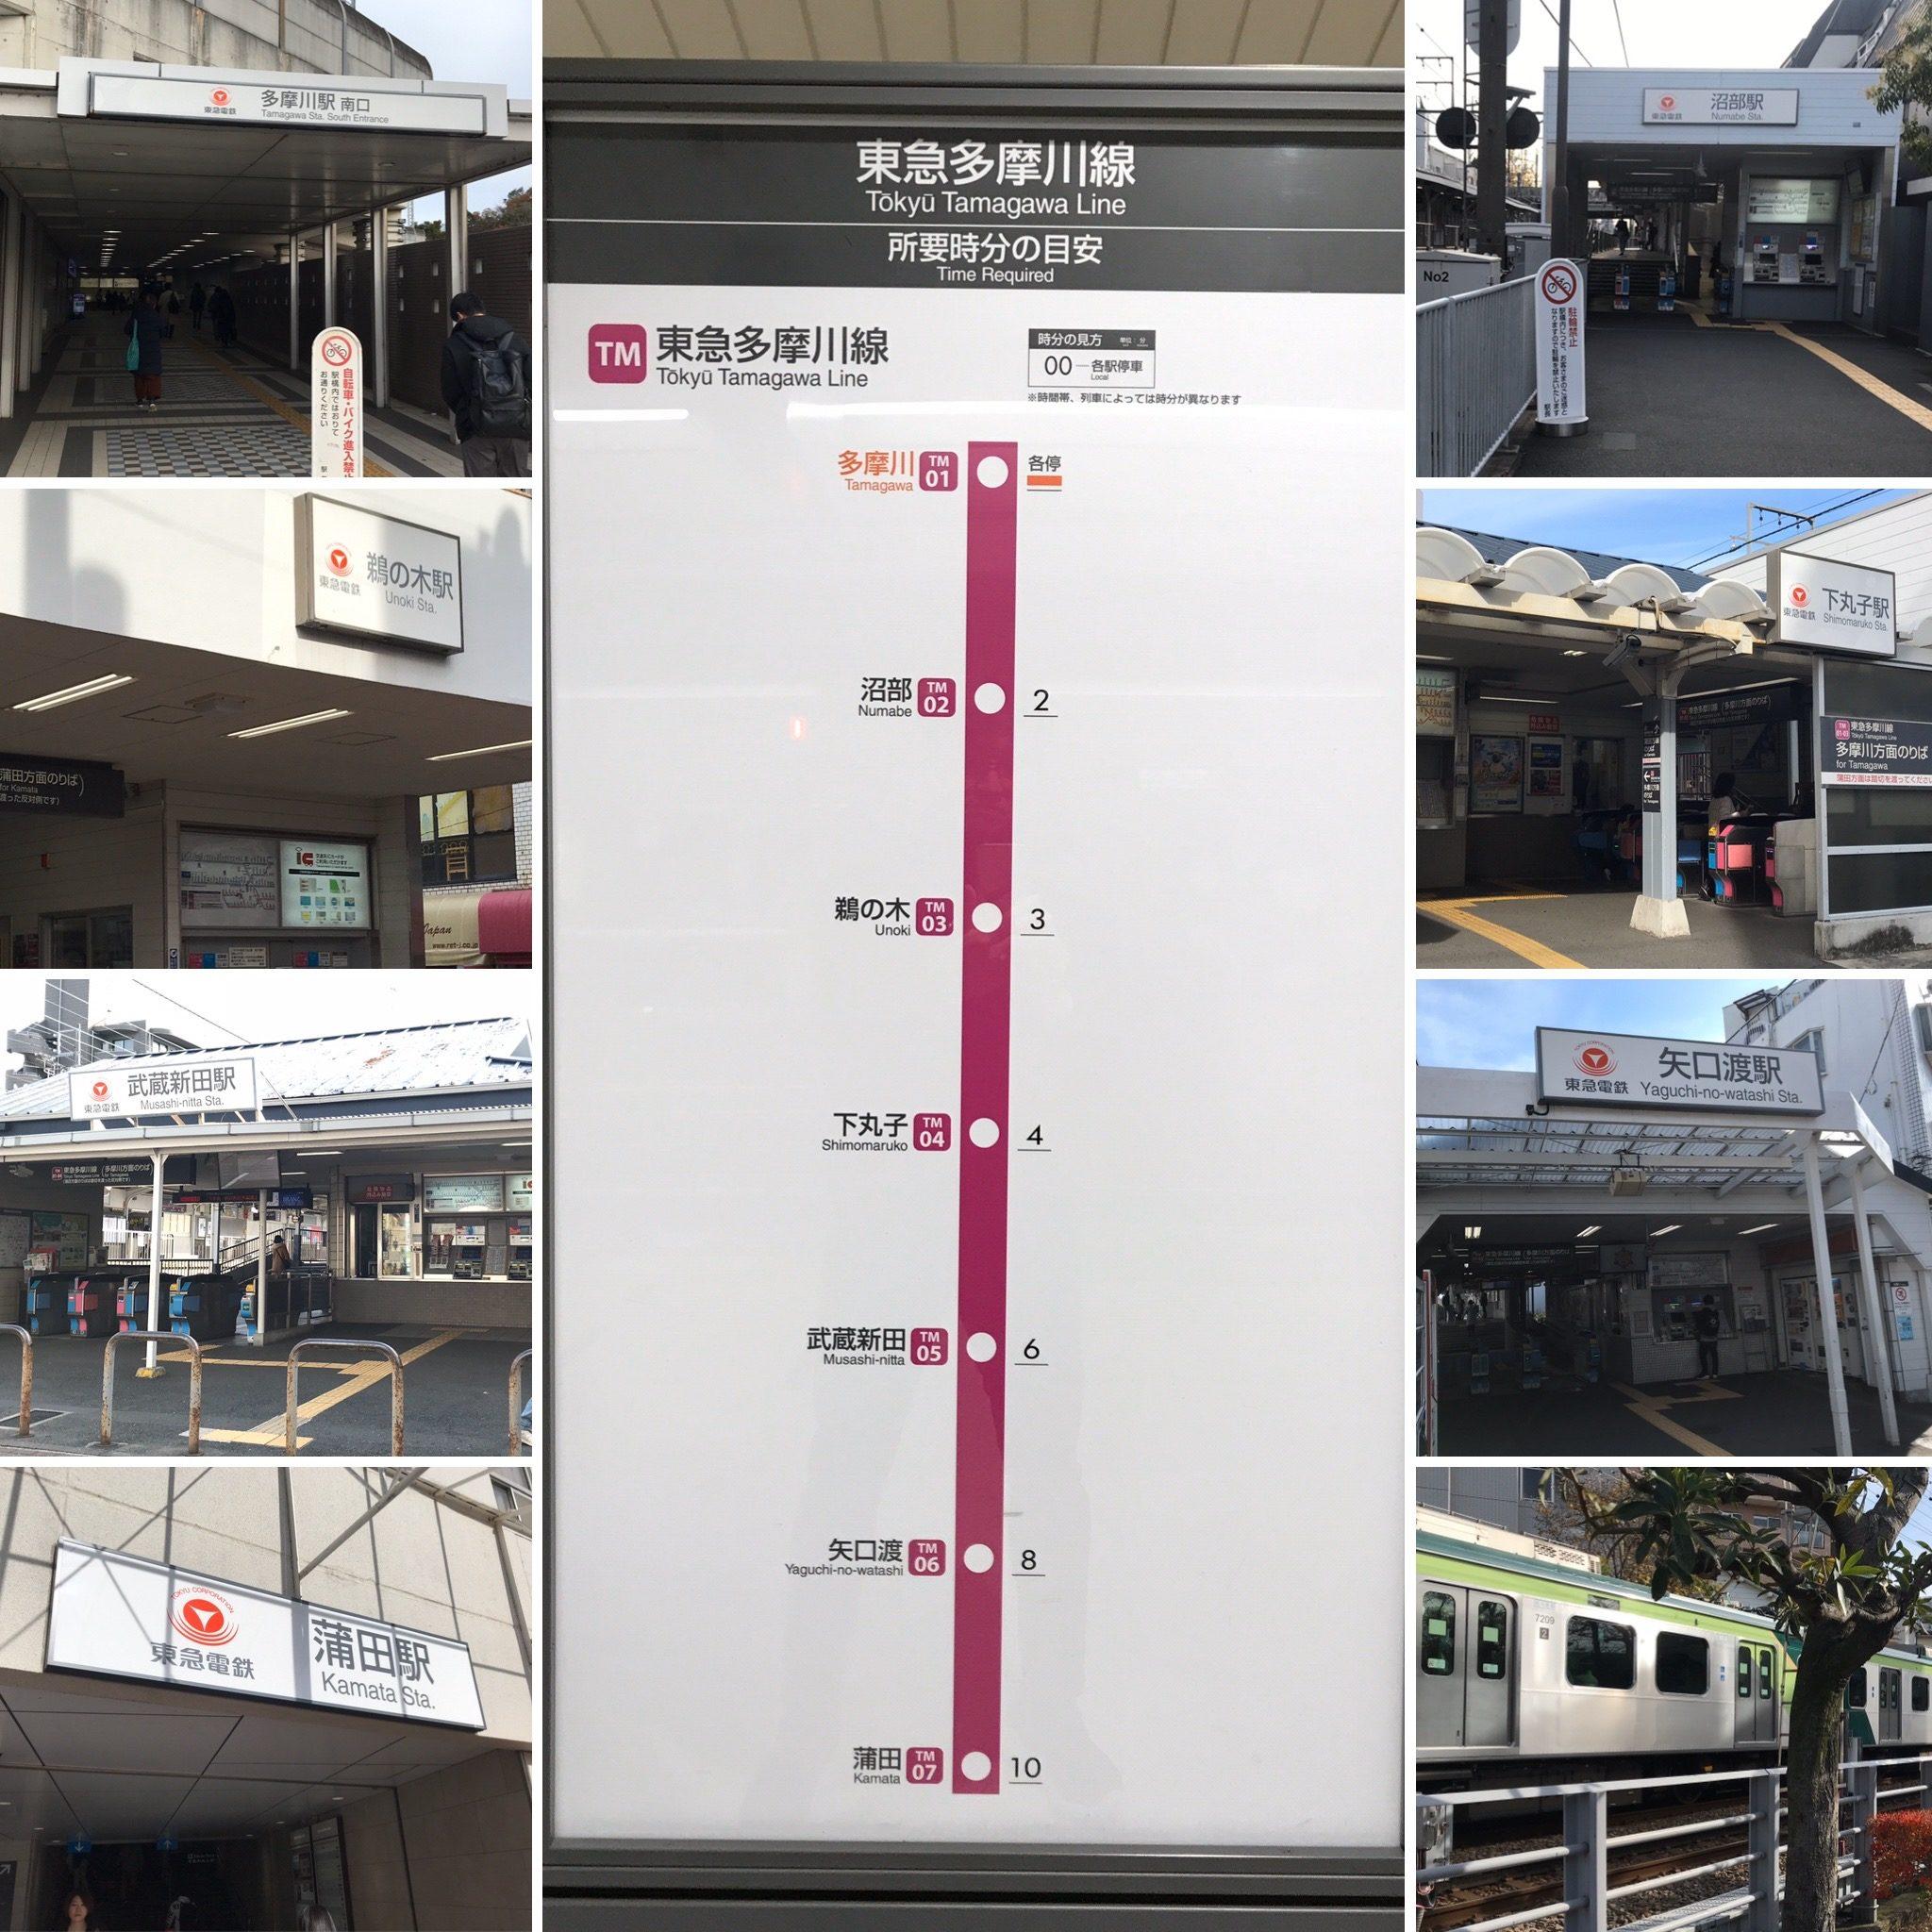 東急多摩川線(TM) 表紙